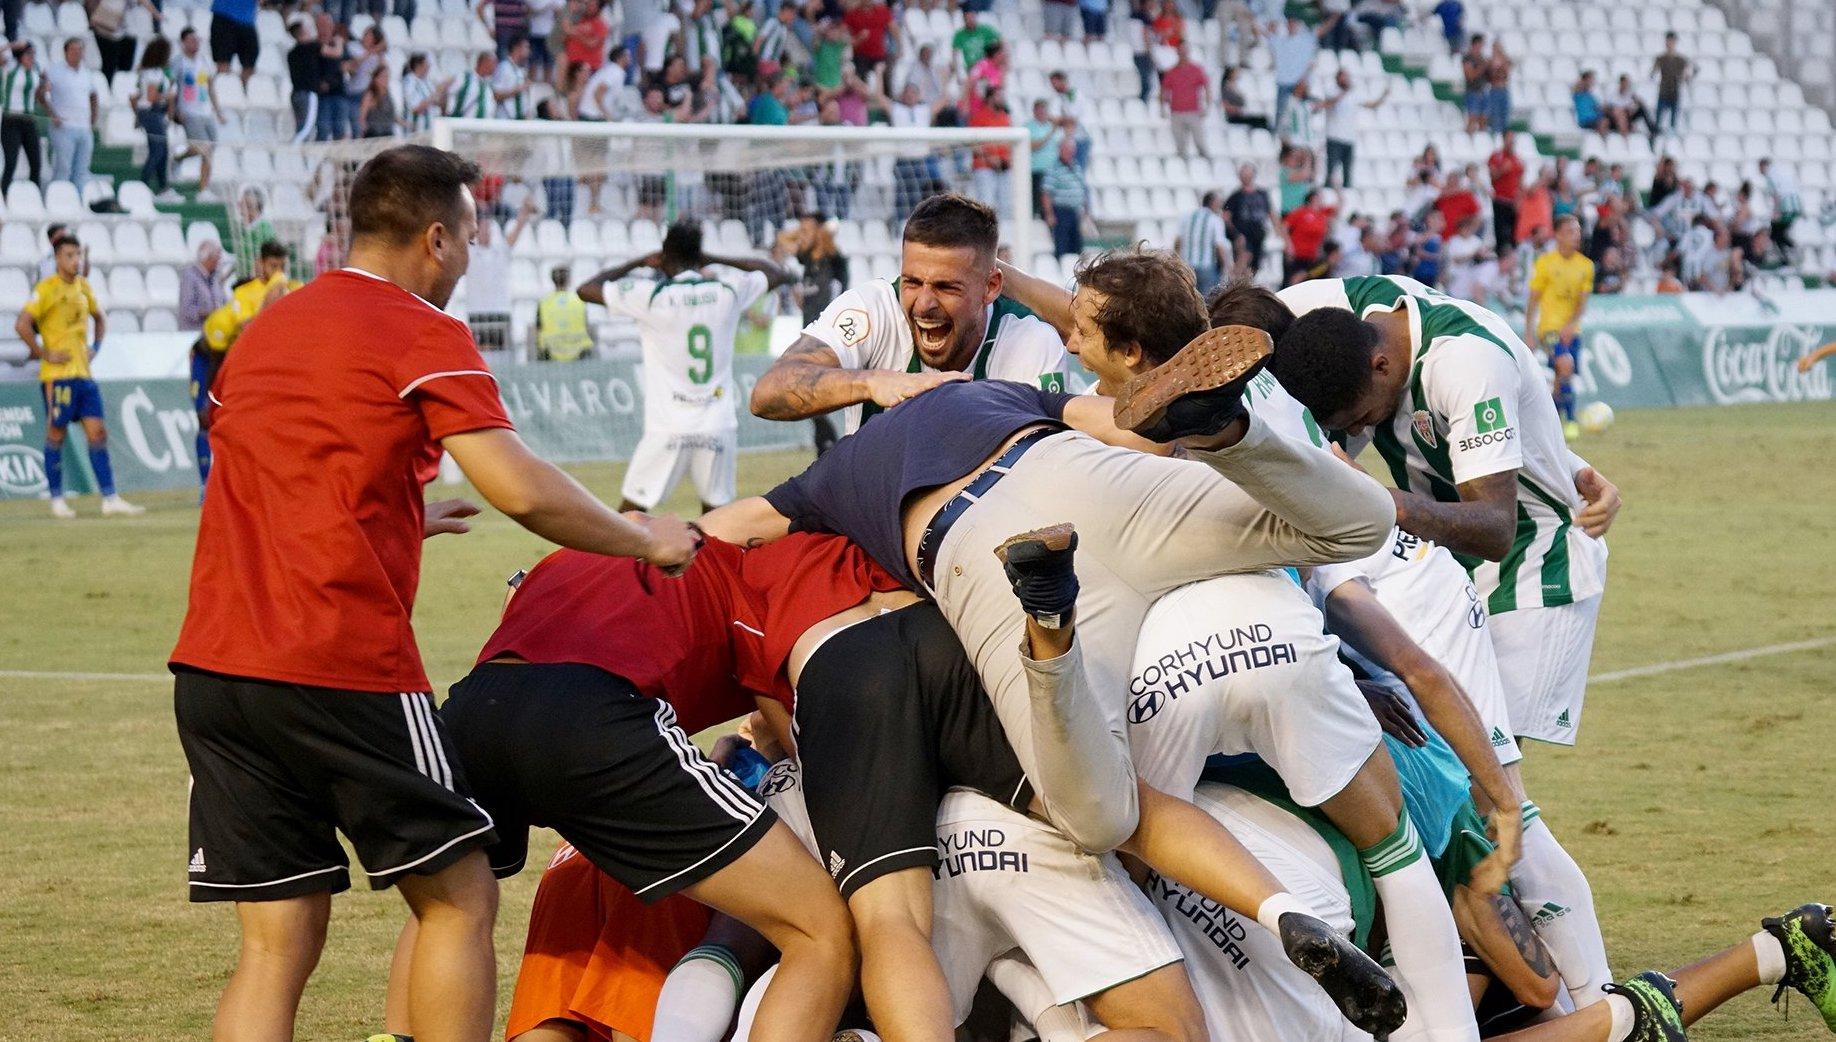 Jugadores del Córdoba celebrando un gol